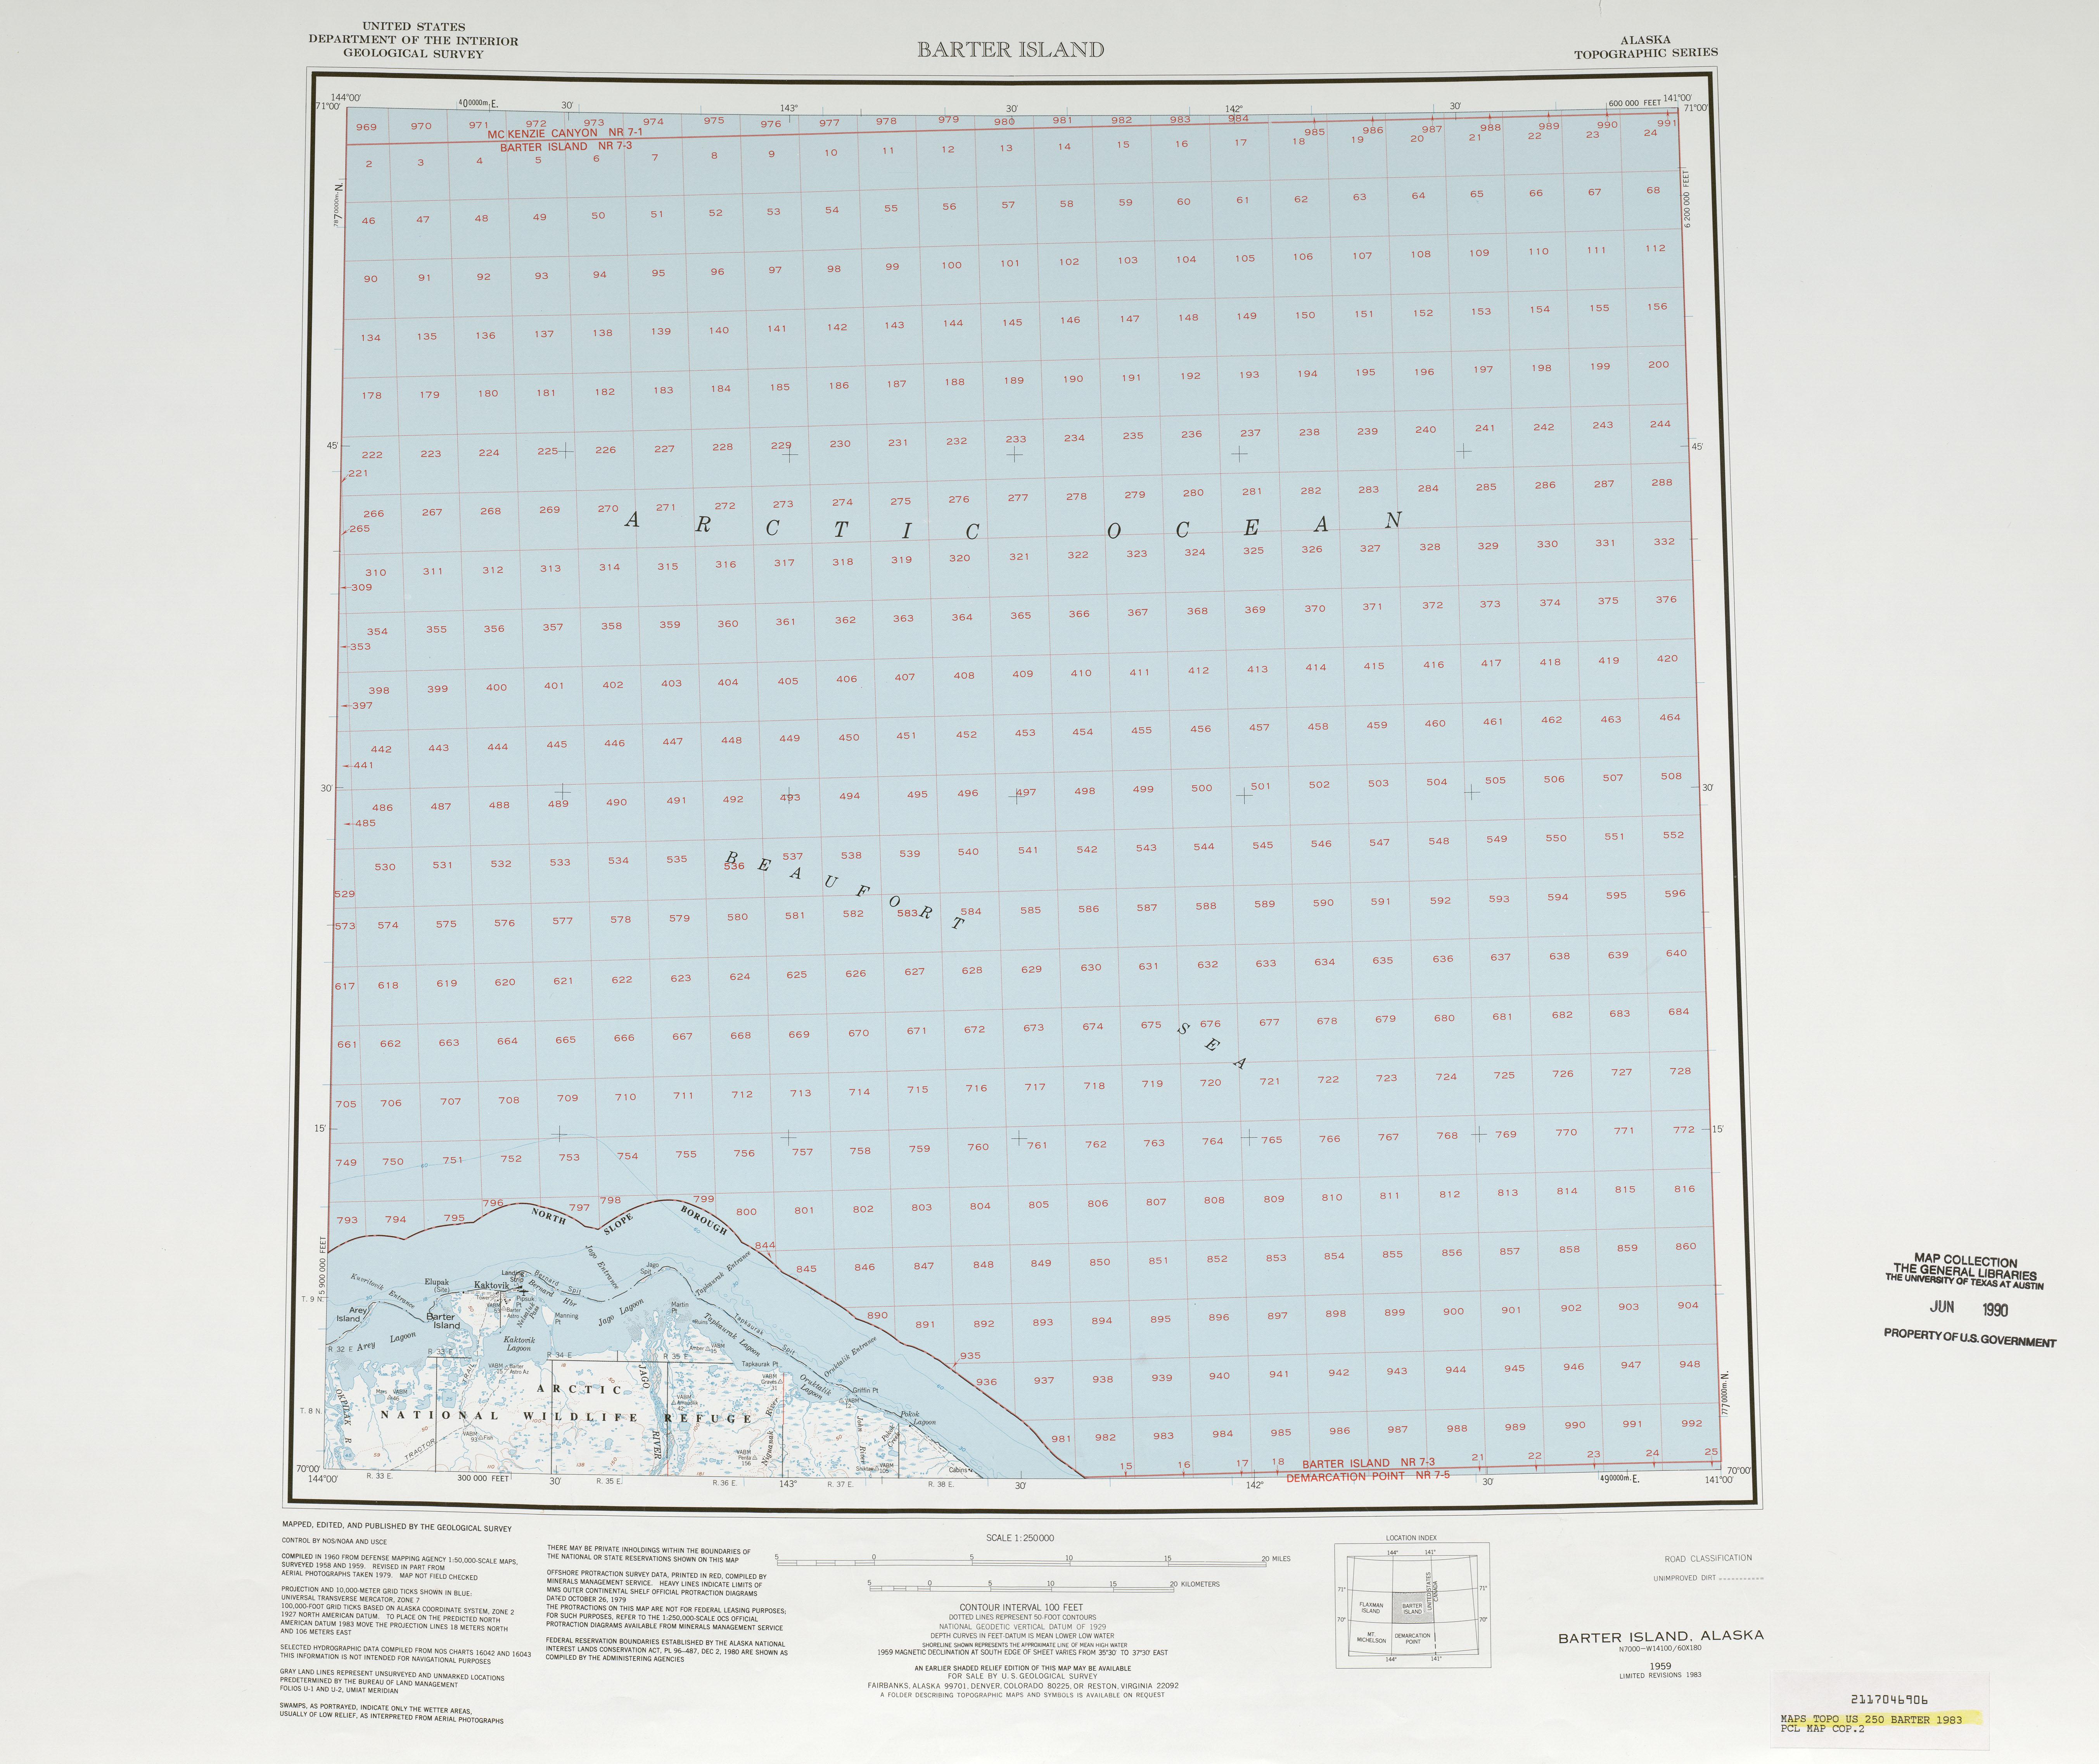 Hoja Barter Island de la Imagen Satelital de los Estados Unidos 1983